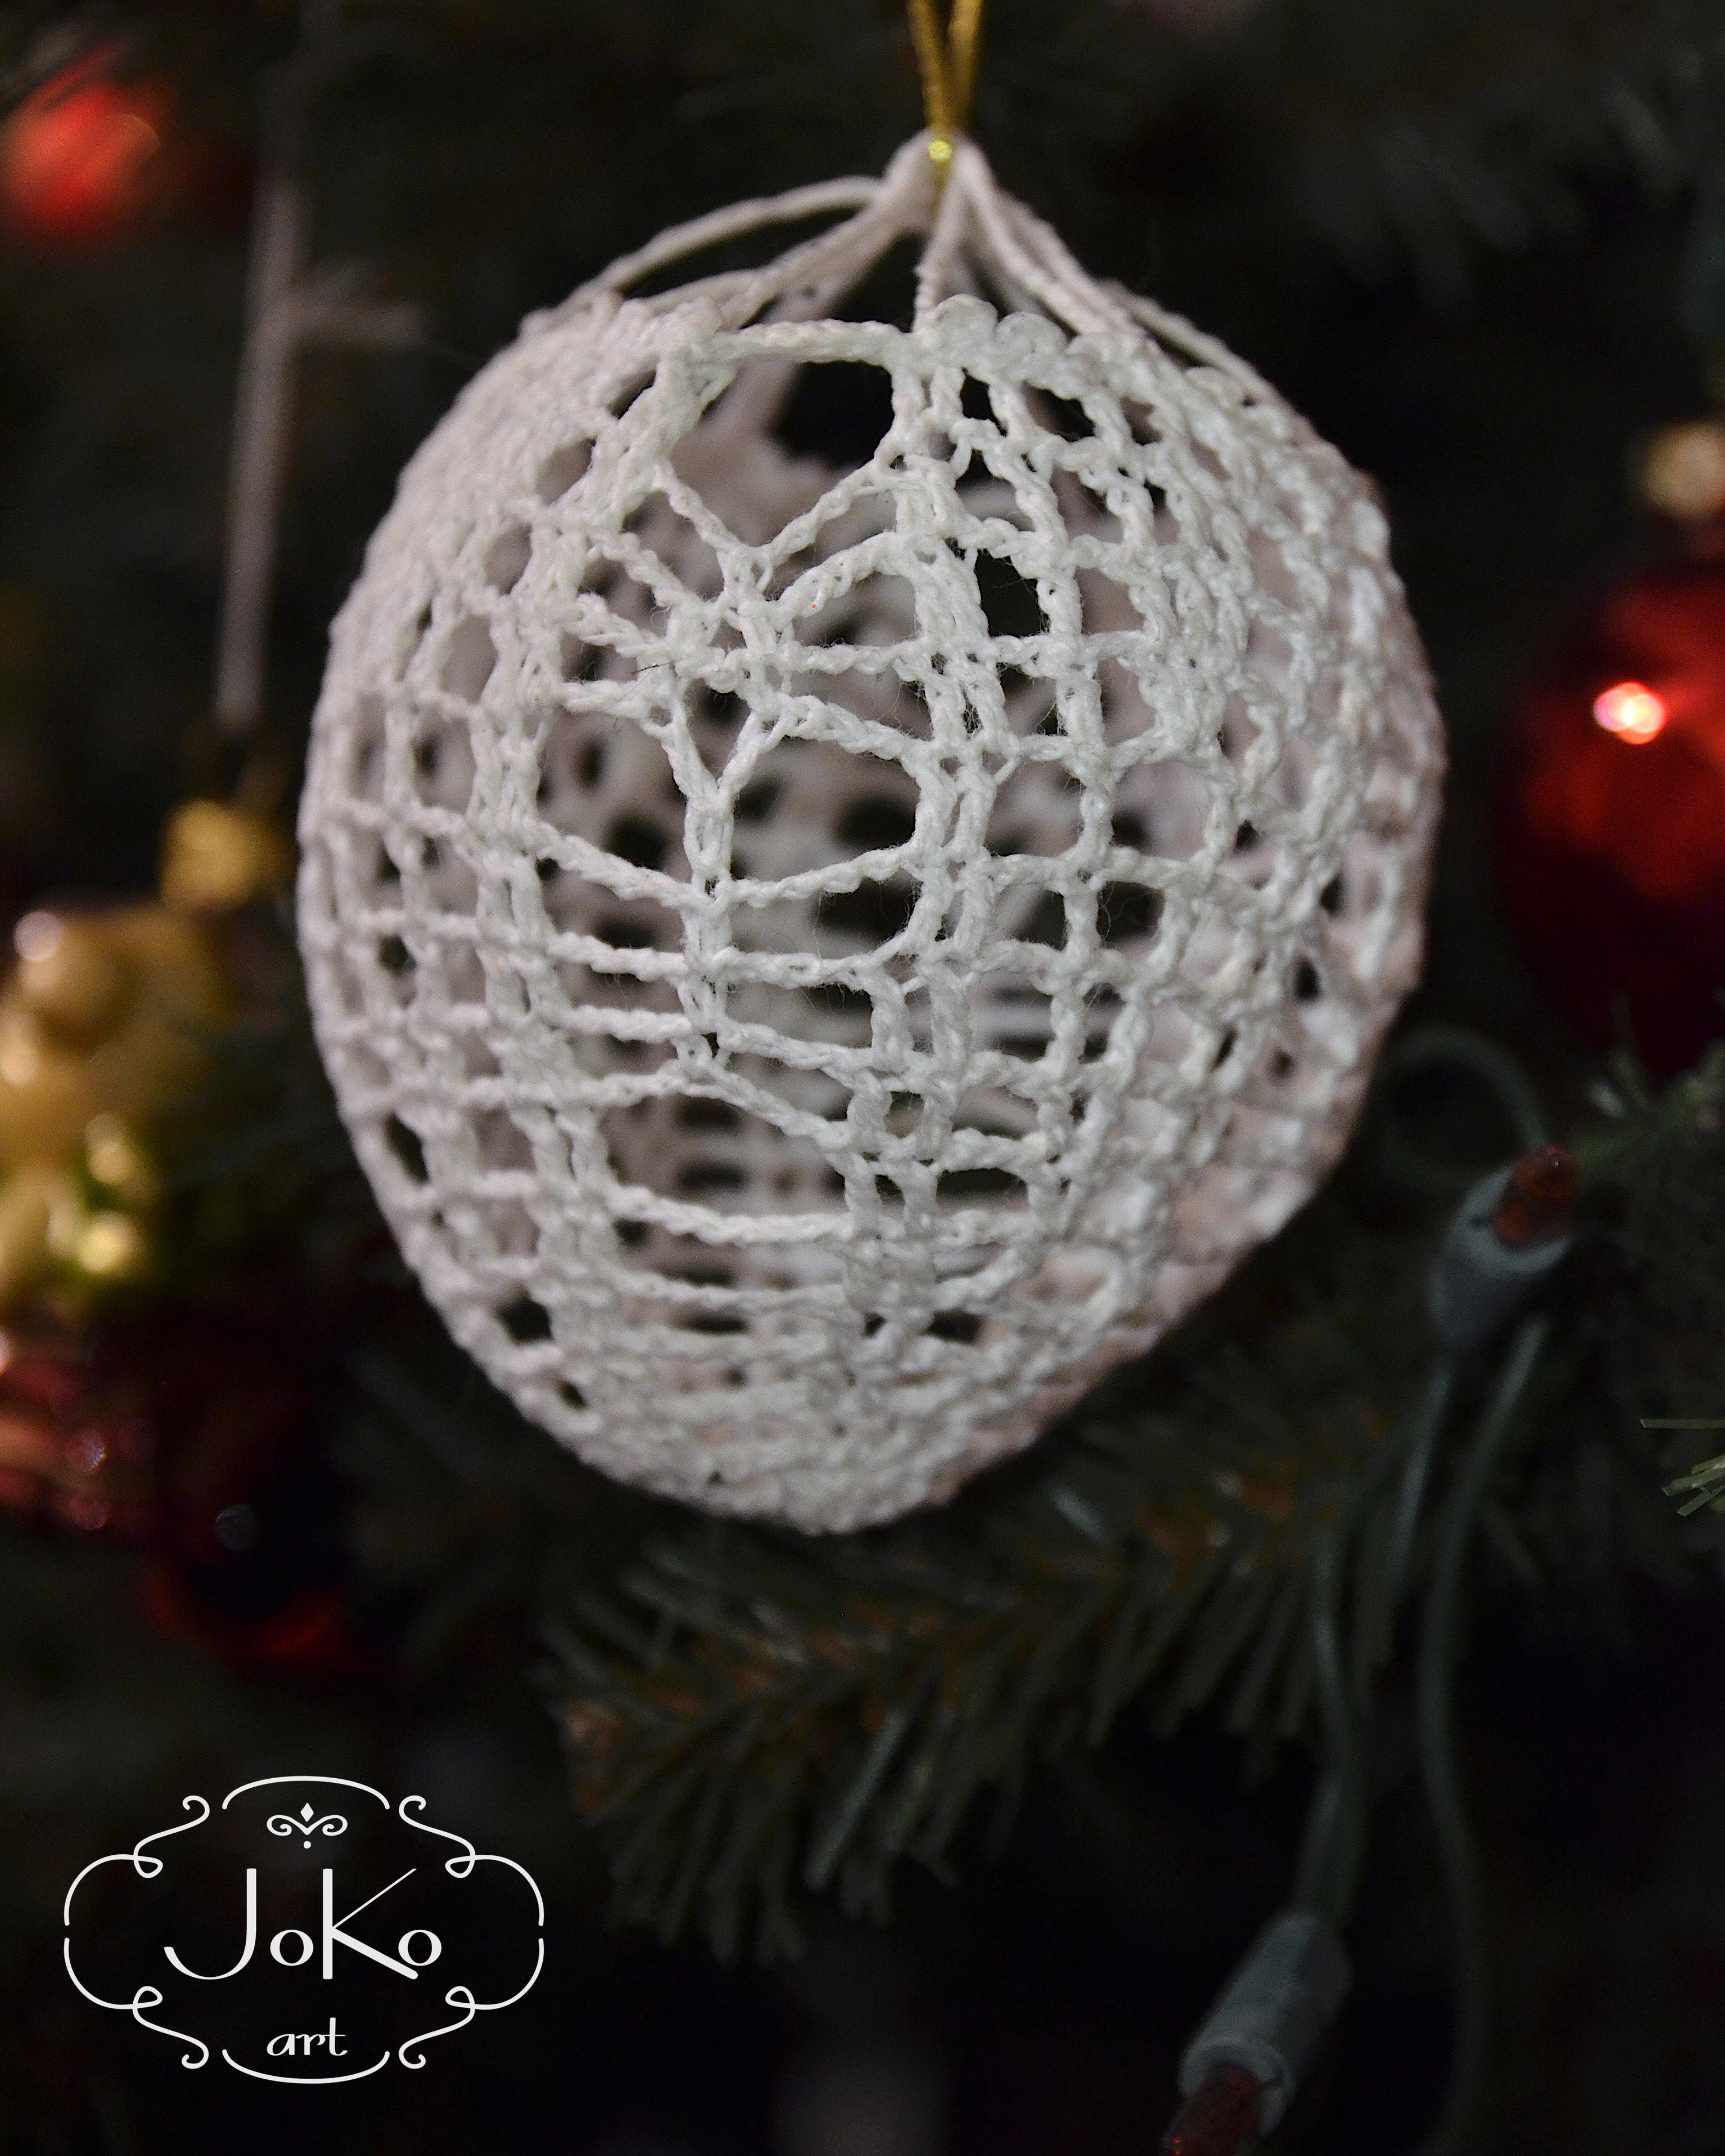 Bombka szydełkowa (Christmas bauble) 03/2014